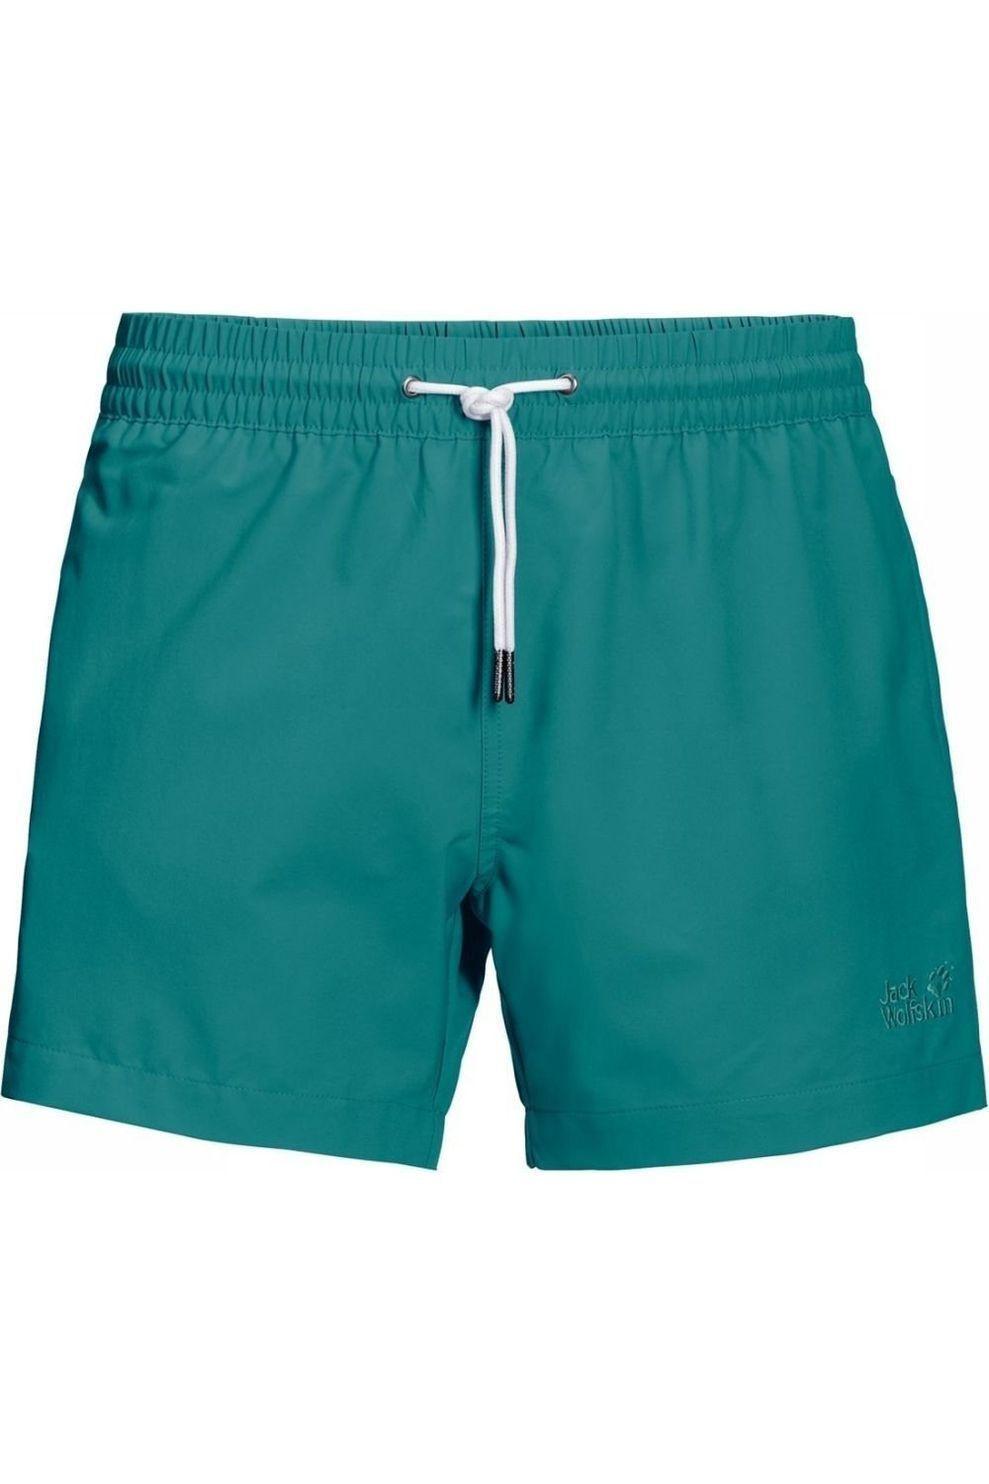 Jack Wolfskin Zwemshort Bay Swim voor heren - Blauw - Maten: S, L